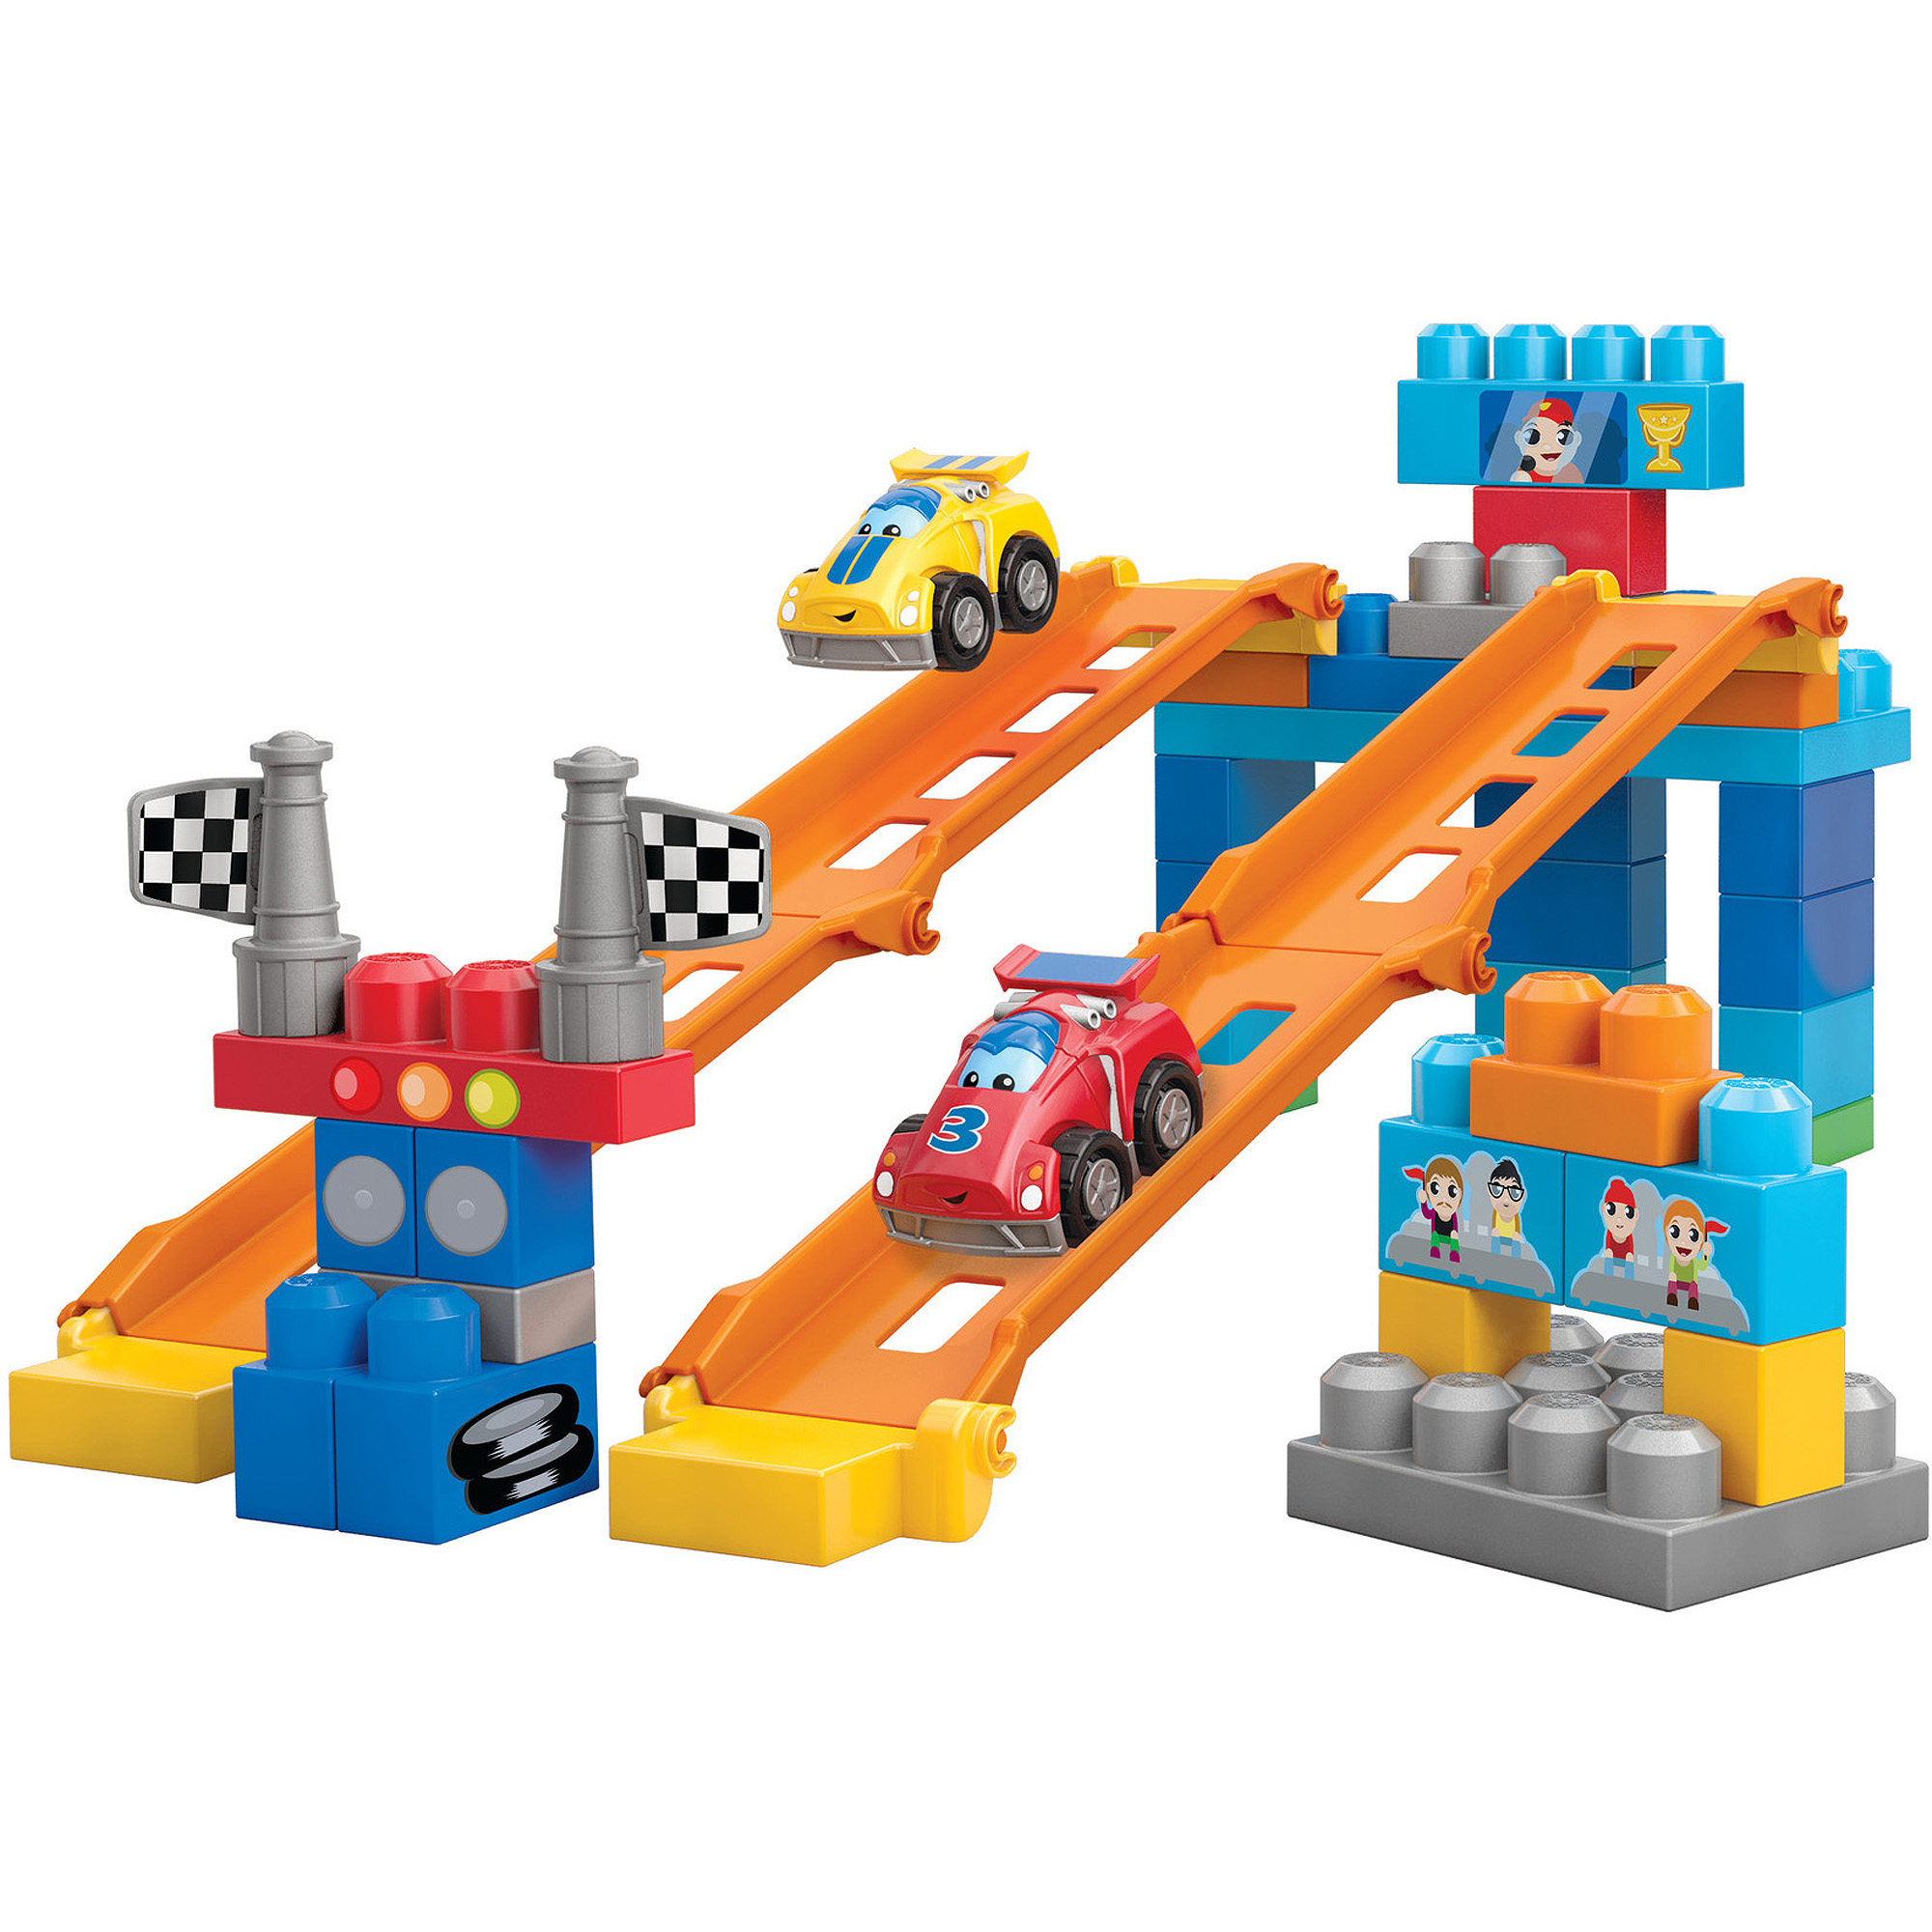 Mega Bloks First Builders Fast Tracks Raceway